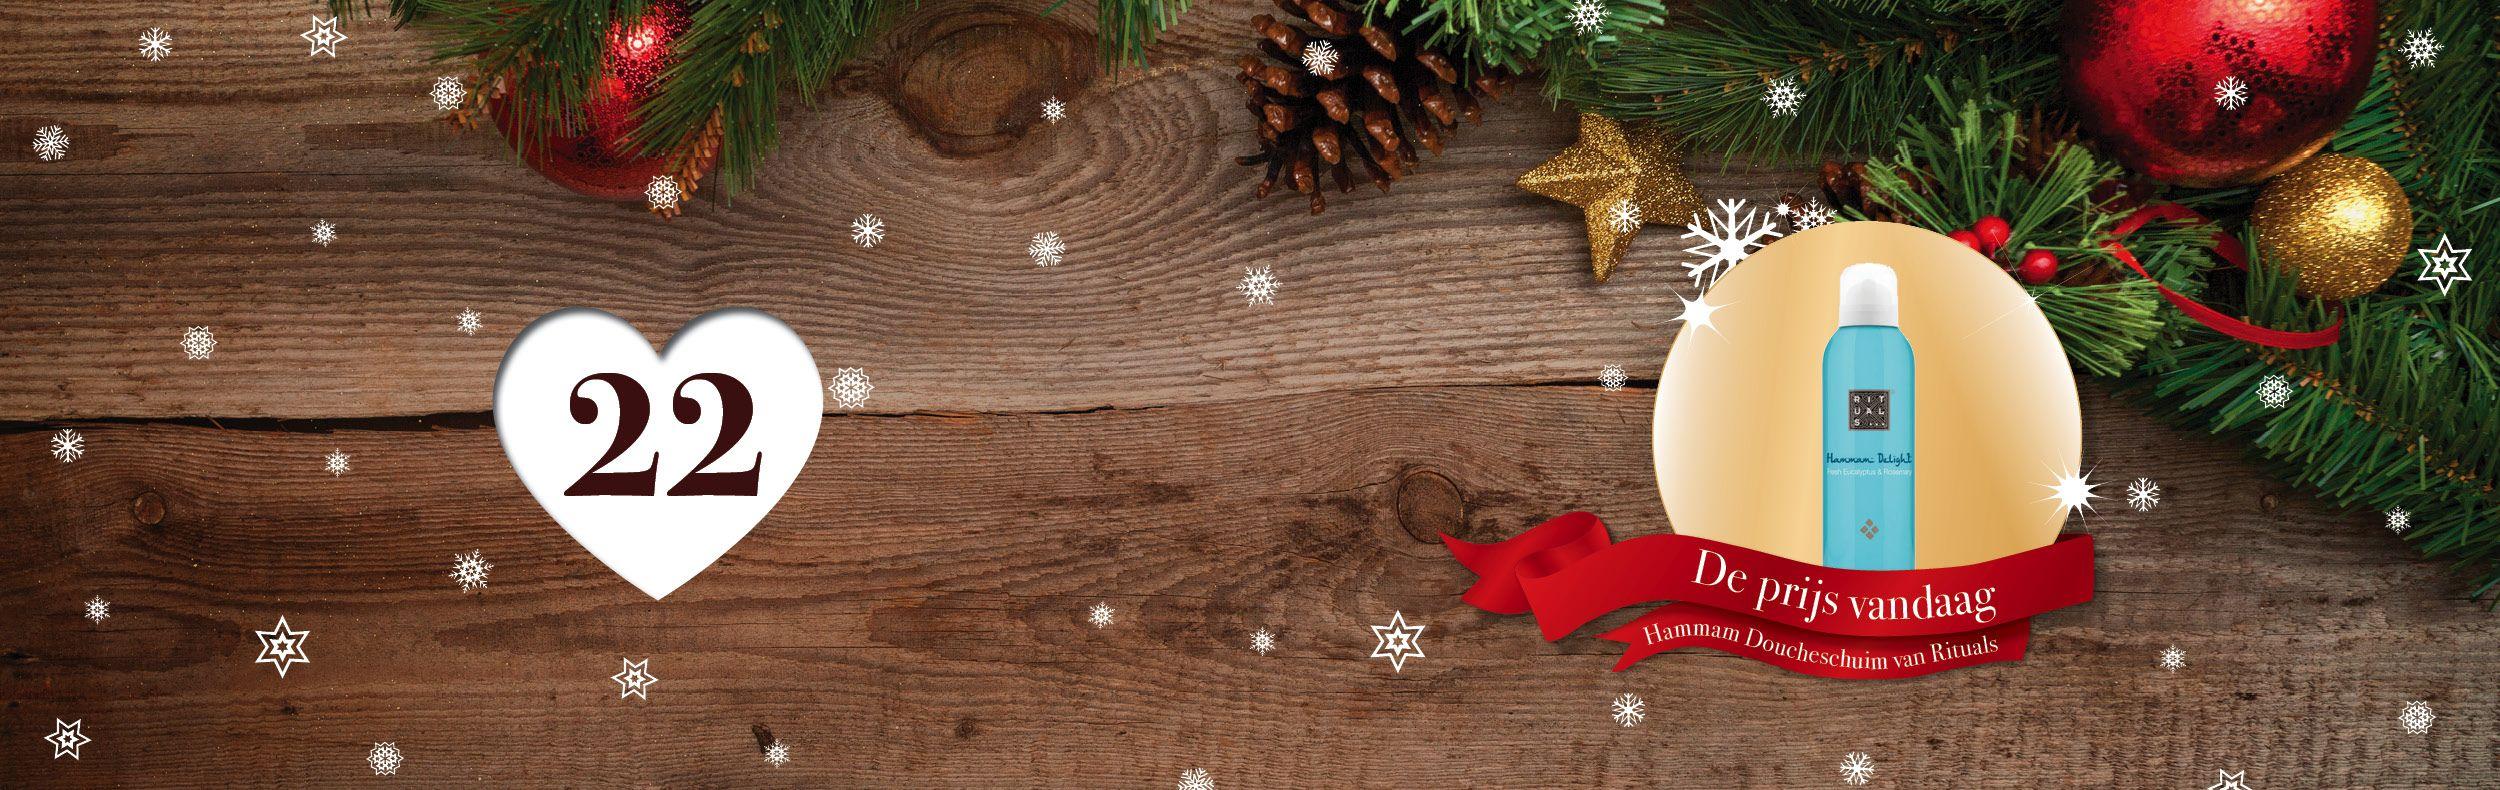 🎄🎁✨ Tel af naar #Kerst met de adventskalender vol #prijzen van SpaDreams!     Het tweeëntwintigste vakje van onze Wellness - #Adventskalenderactie bevat het volgende cadeautje: overheerlijk doucheschuim van Rituals '' Hammam Delight '' 👌  Hammam Delight combineert de aromatische en revitaliserende eigenschappen van Verfrissende Eucalyptus en Rozemarijn.    Wil jij deze fantastische prijs winnen? Het enige wat je hoeft te doen is SpaDreams kerstkoekjes zoeken! 🍪 🎄    Bekijk vandaag de…